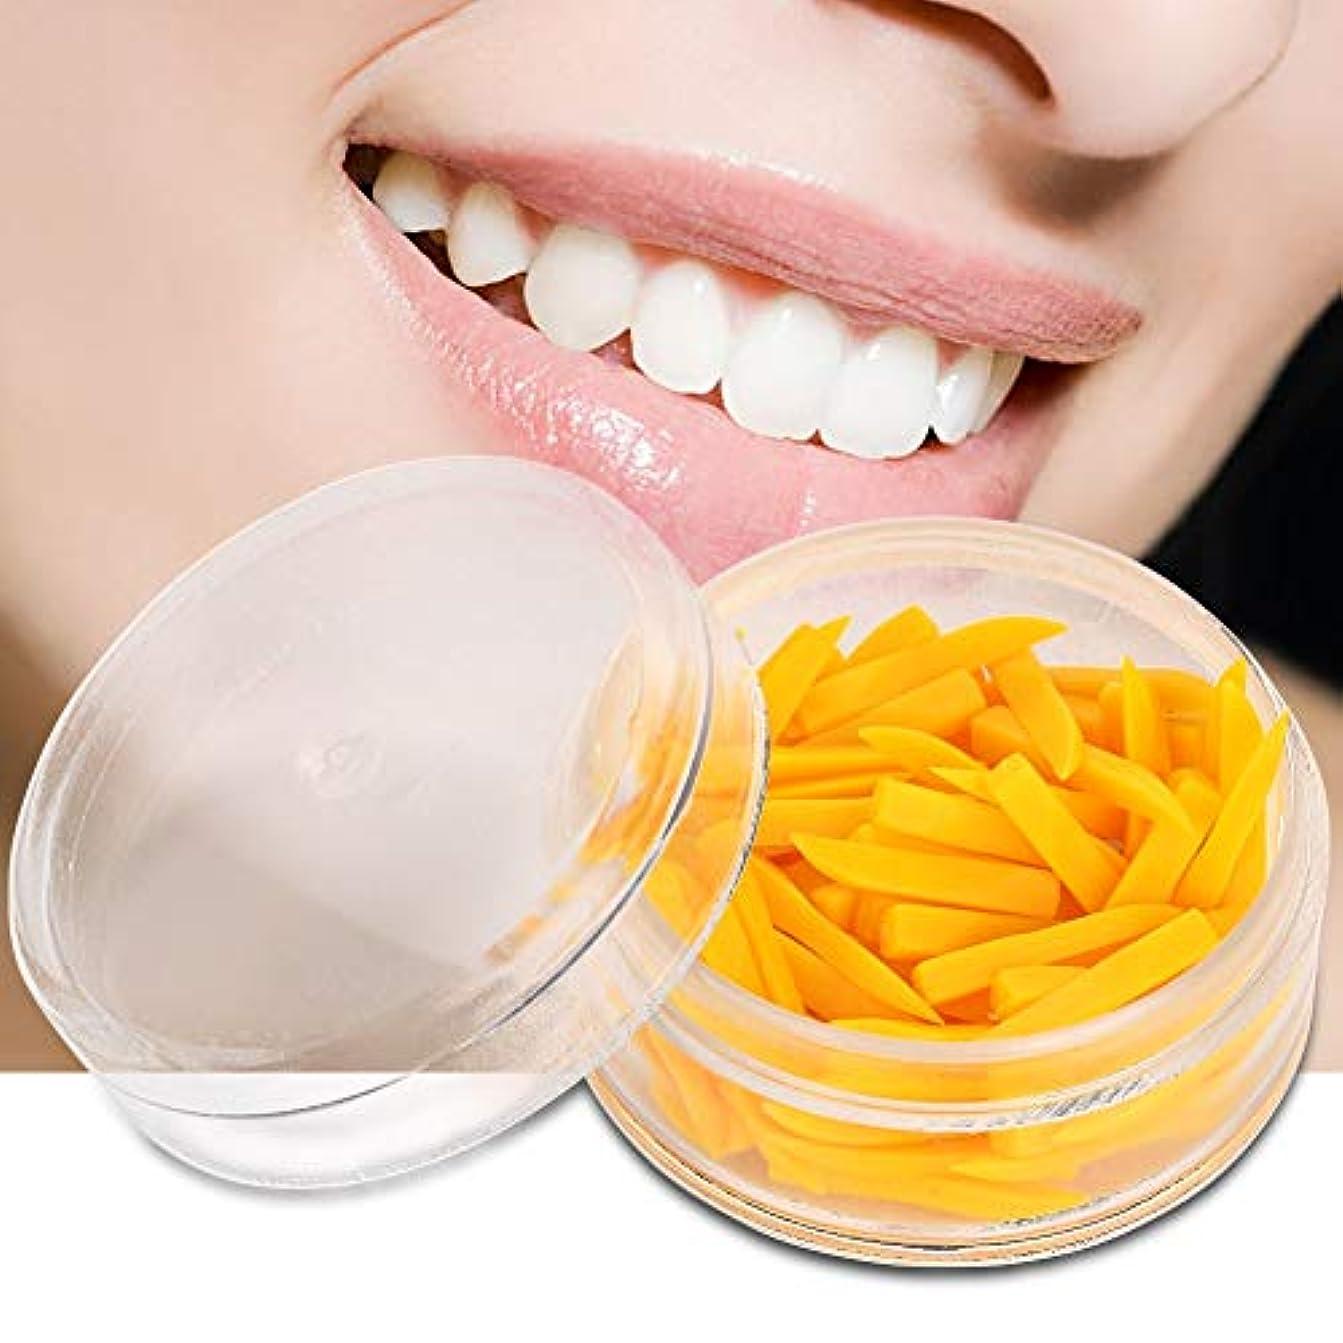 爆発均等にガイドDiastemaウェッジ、100個使い捨て歯科用固定ウェッジ、歯科用充填材